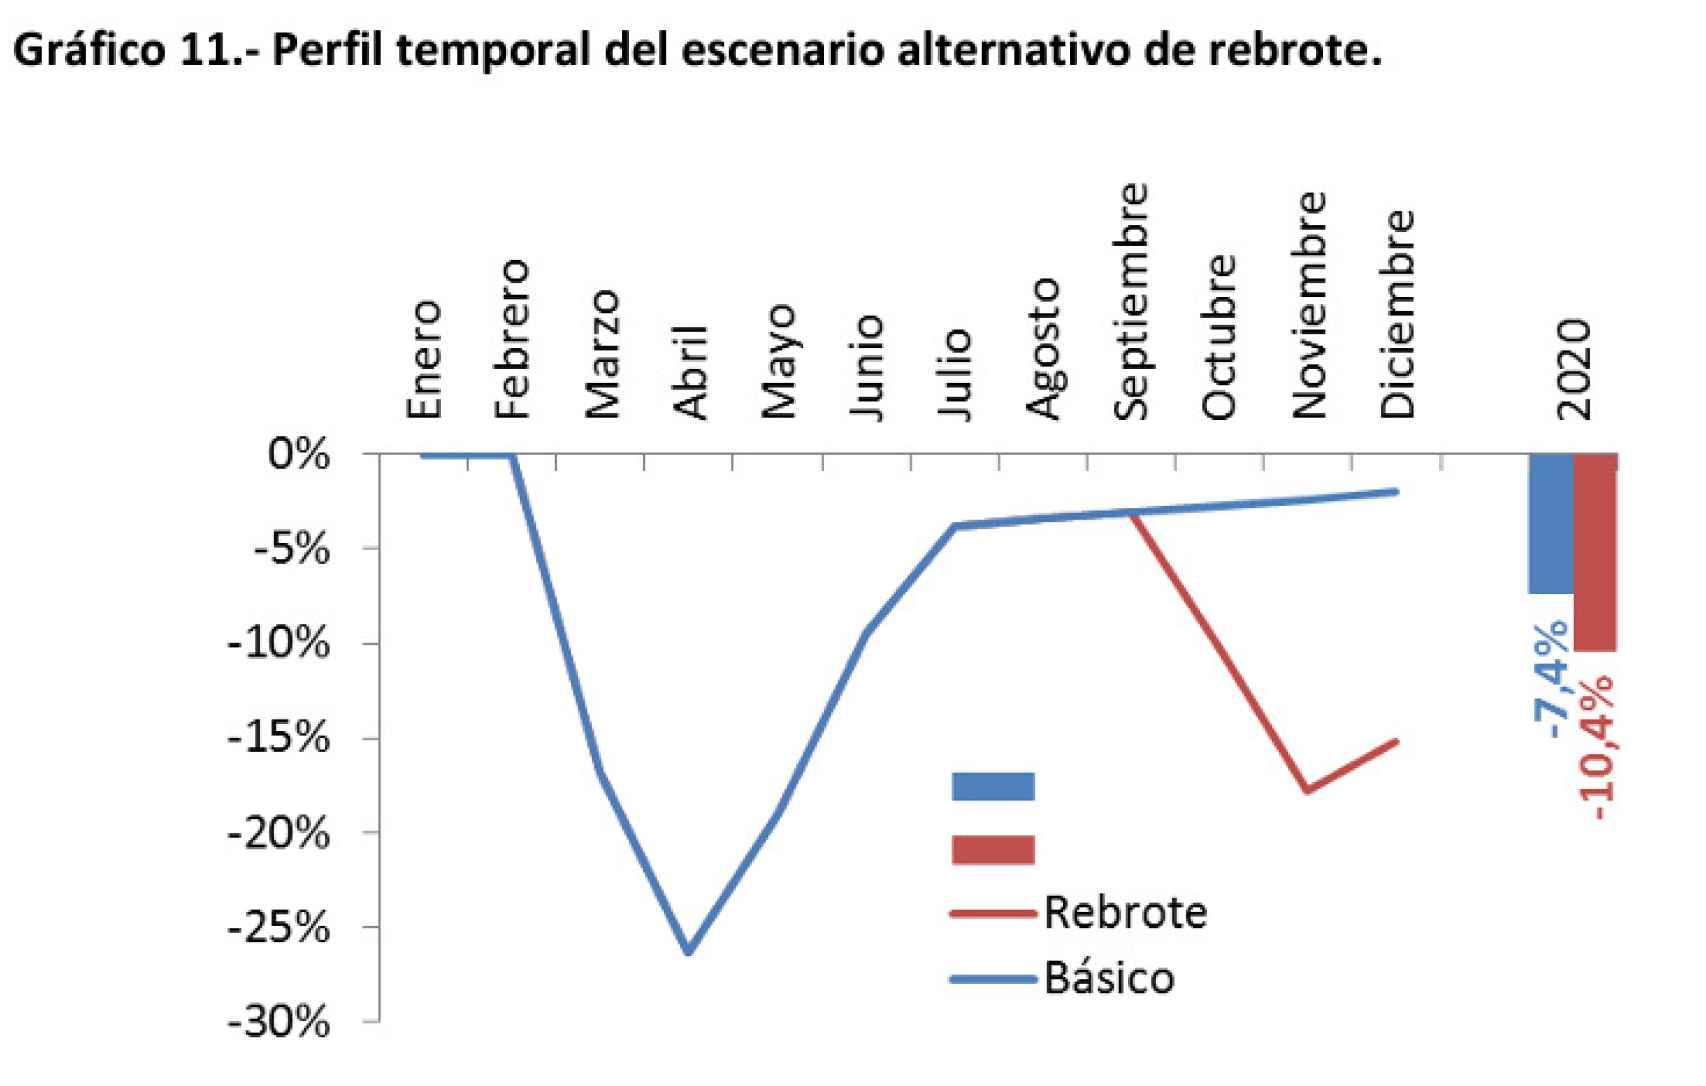 Fuente: Ayuntamieto de Madrid, Colegio de Economistas de Madrid y Ceprede a partir de las estadísticas de la Comunidad de Madrid.